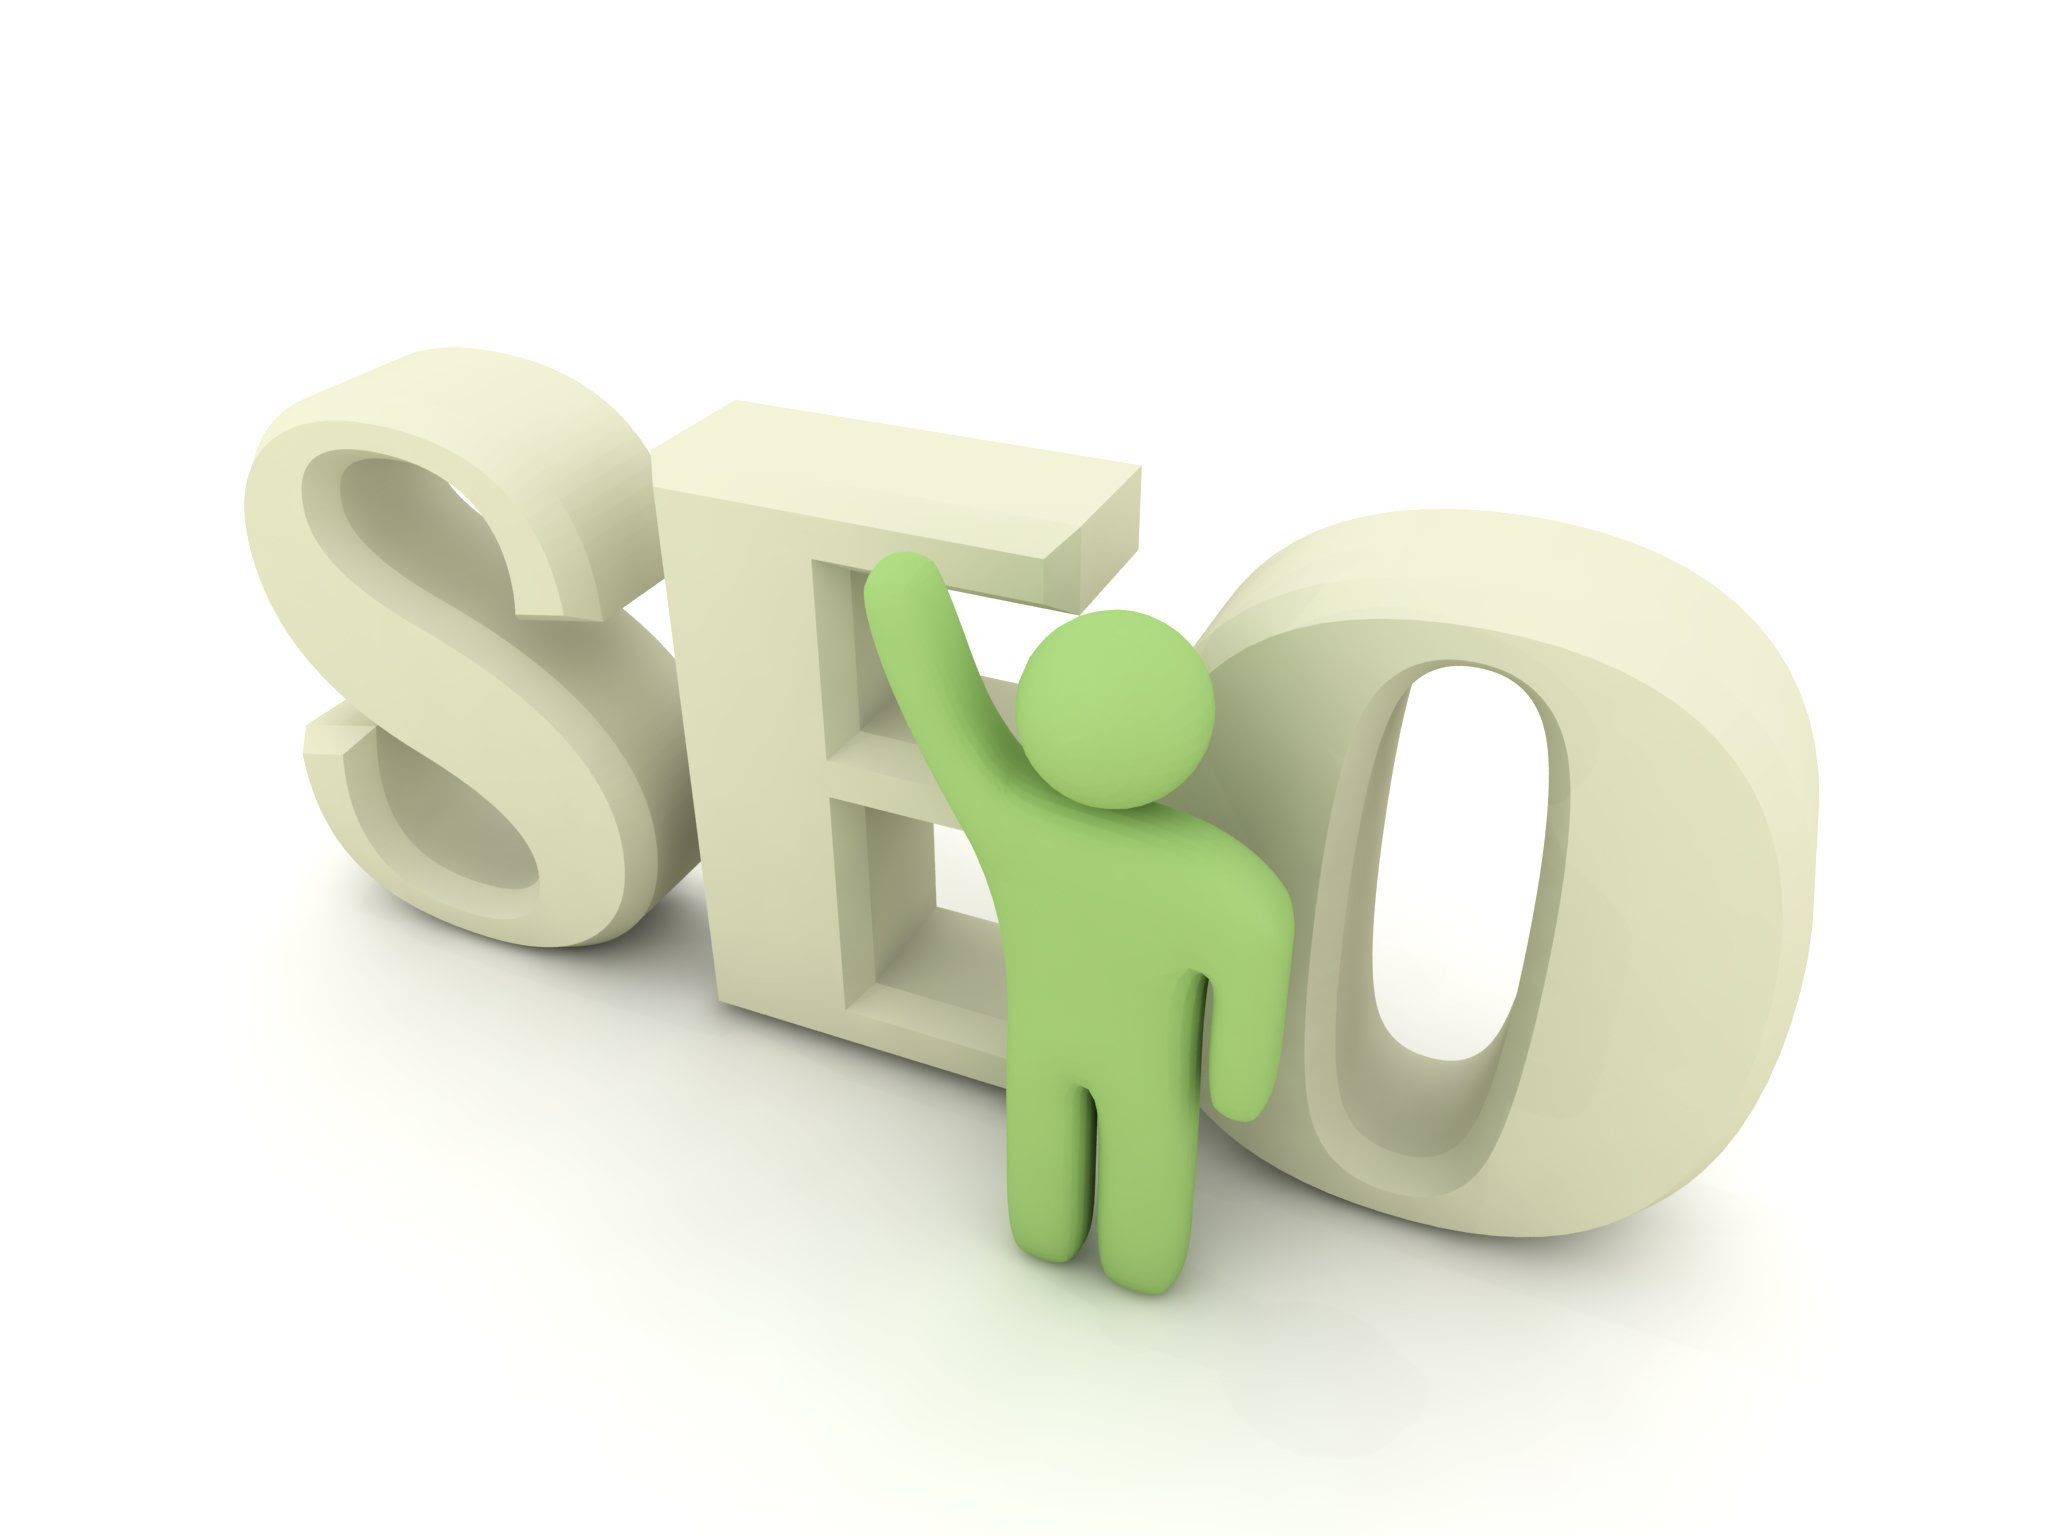 seo, posicionamiento web en buscadores